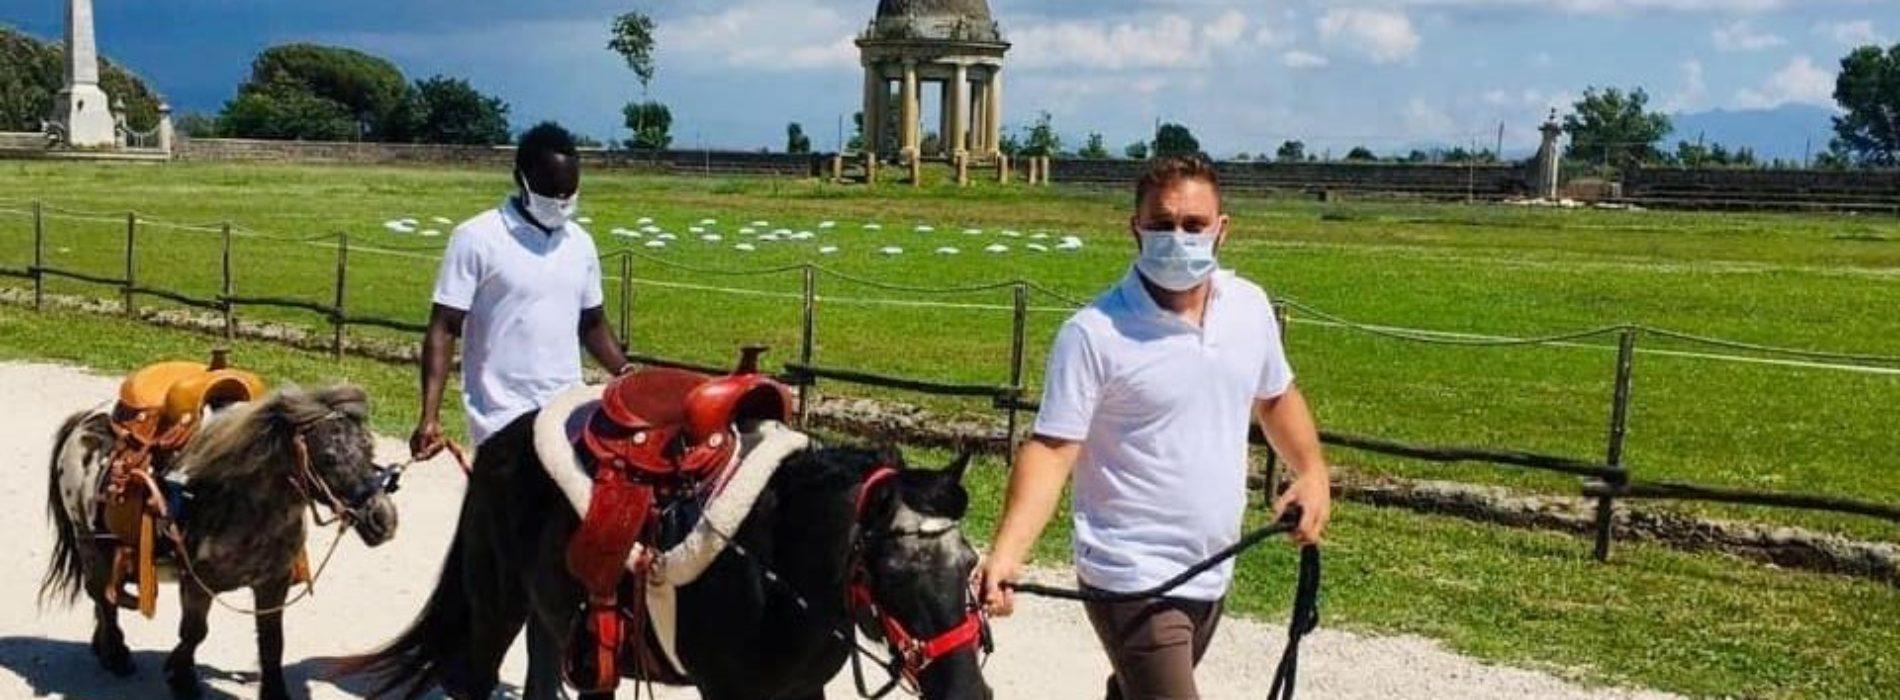 Ferragosto a Carditello, passeggiate sui pony e sosta picnic